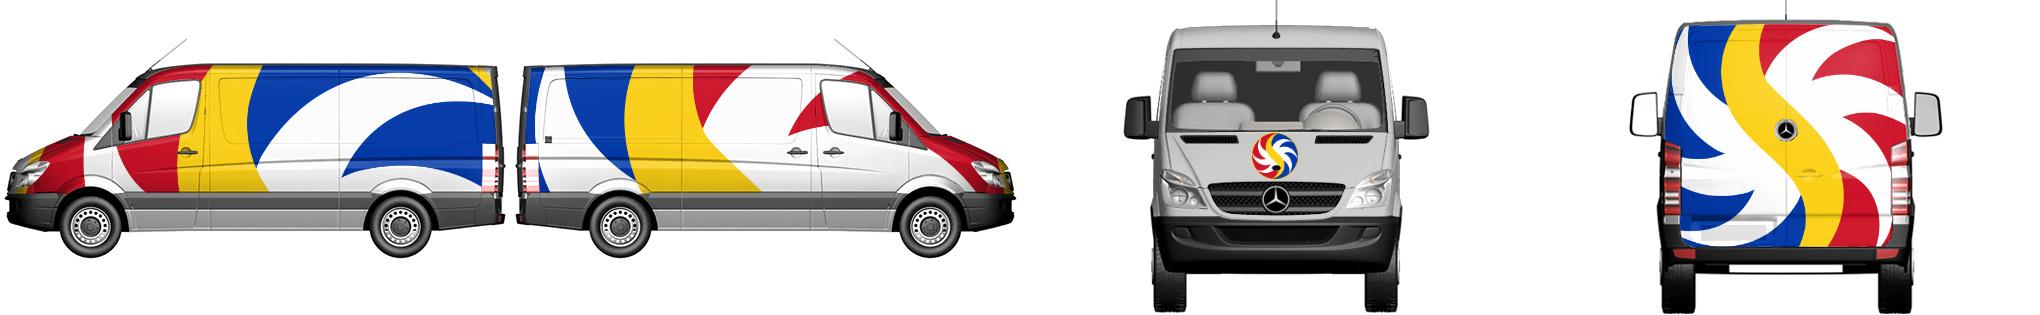 Van Wrap #53004